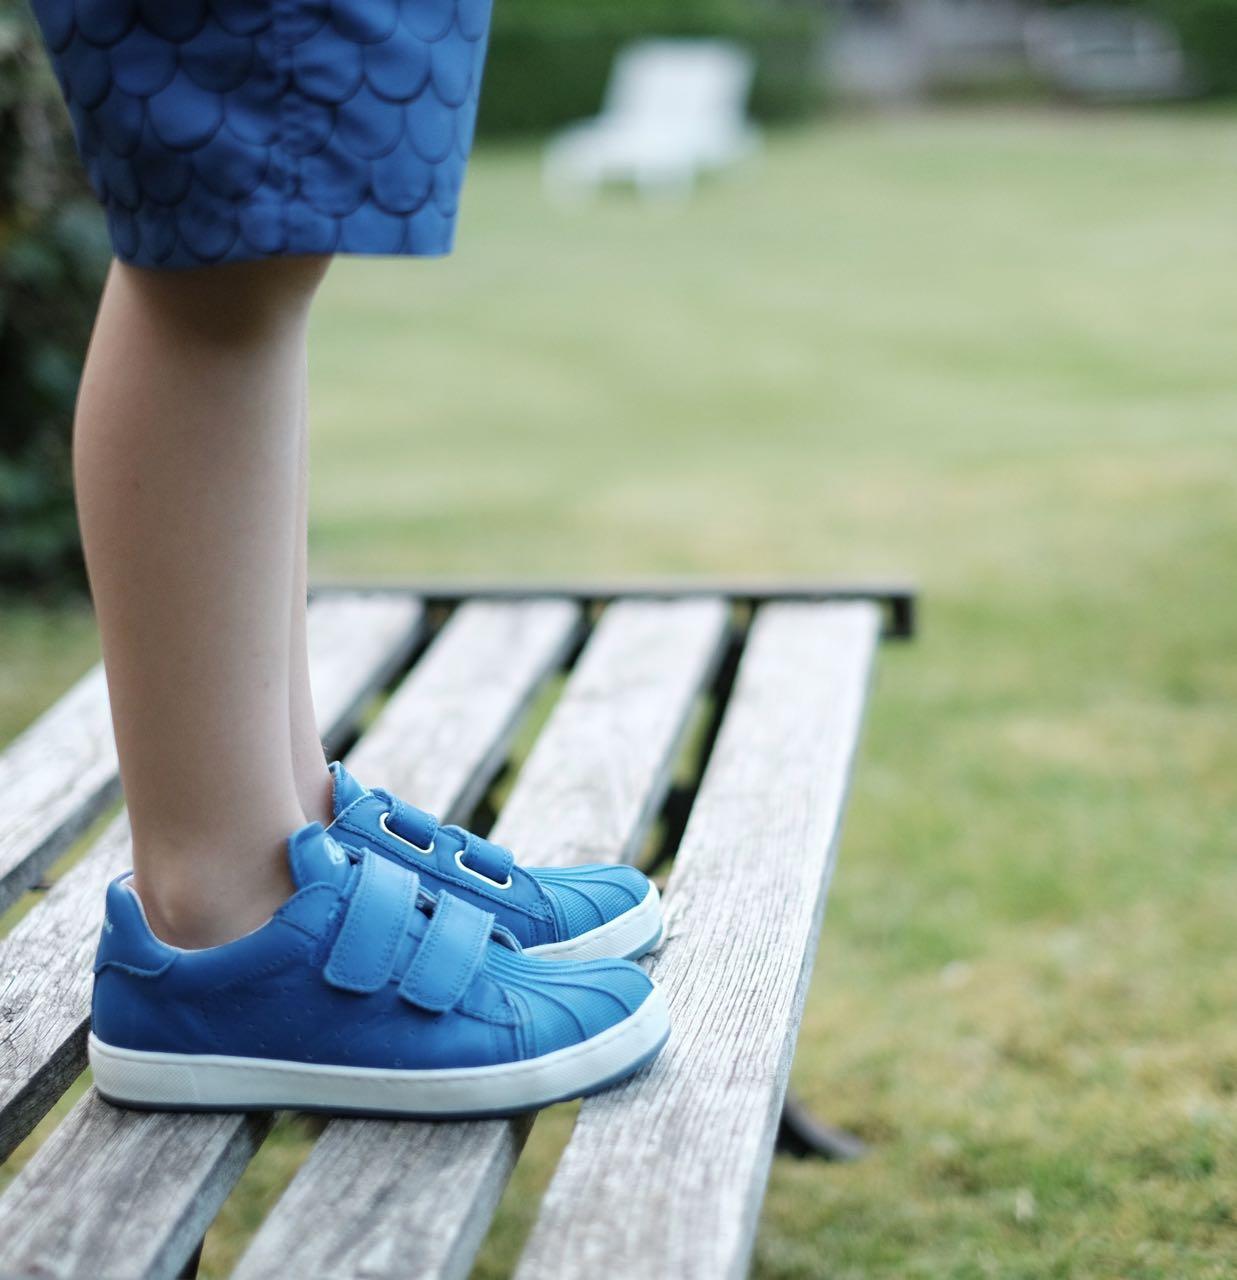 Italiaanse Kinderschoenen.Italiaanse Kinderschoenen Erika Van Tielen